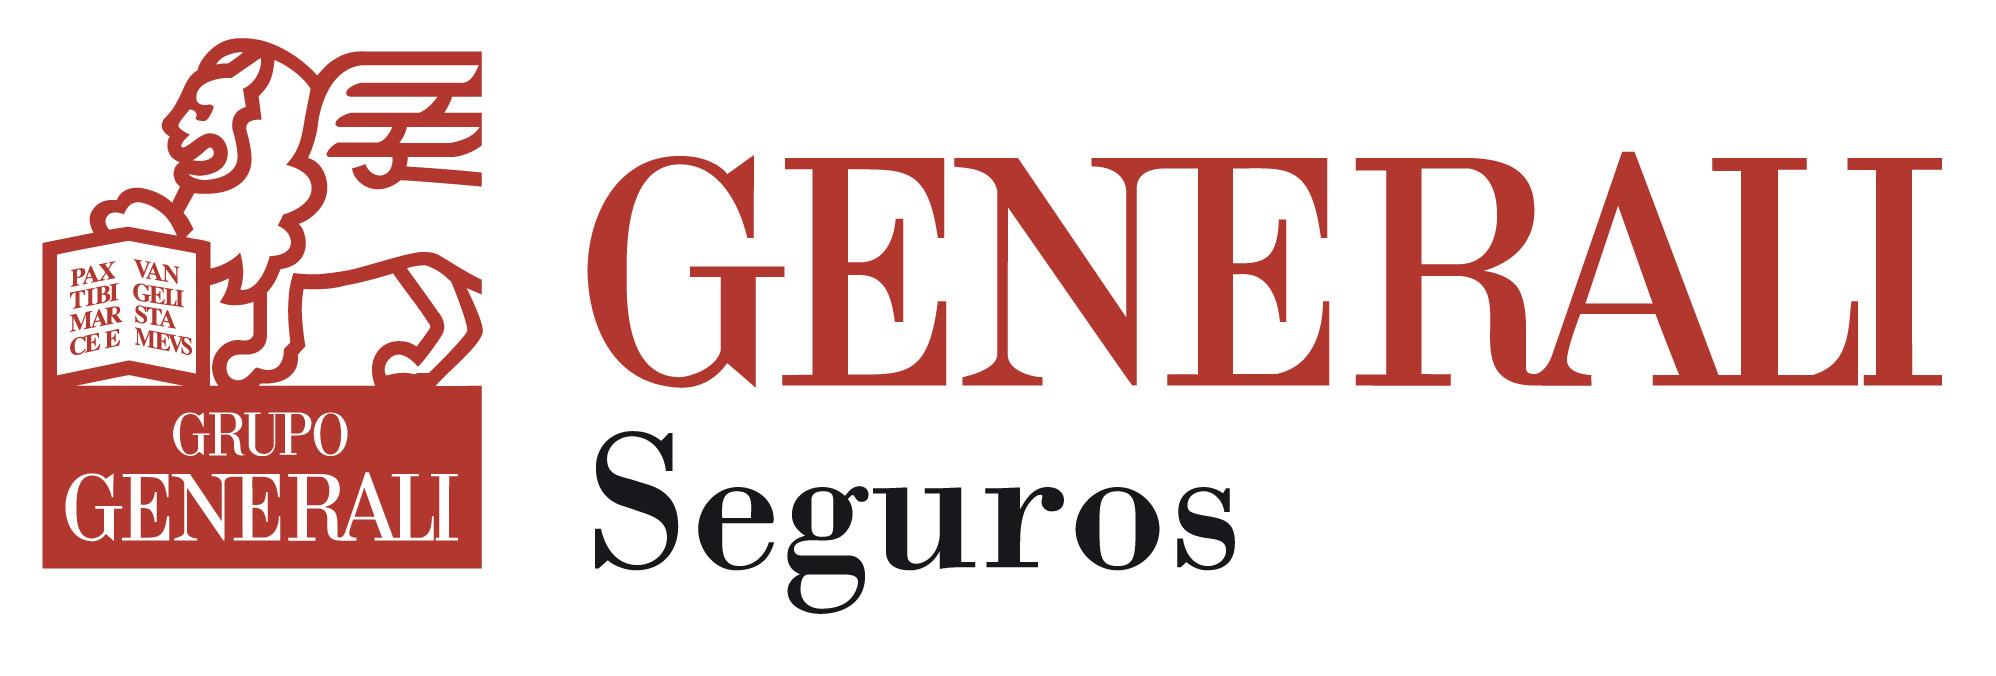 LOGO_GENERALI_CASTE_GALLE